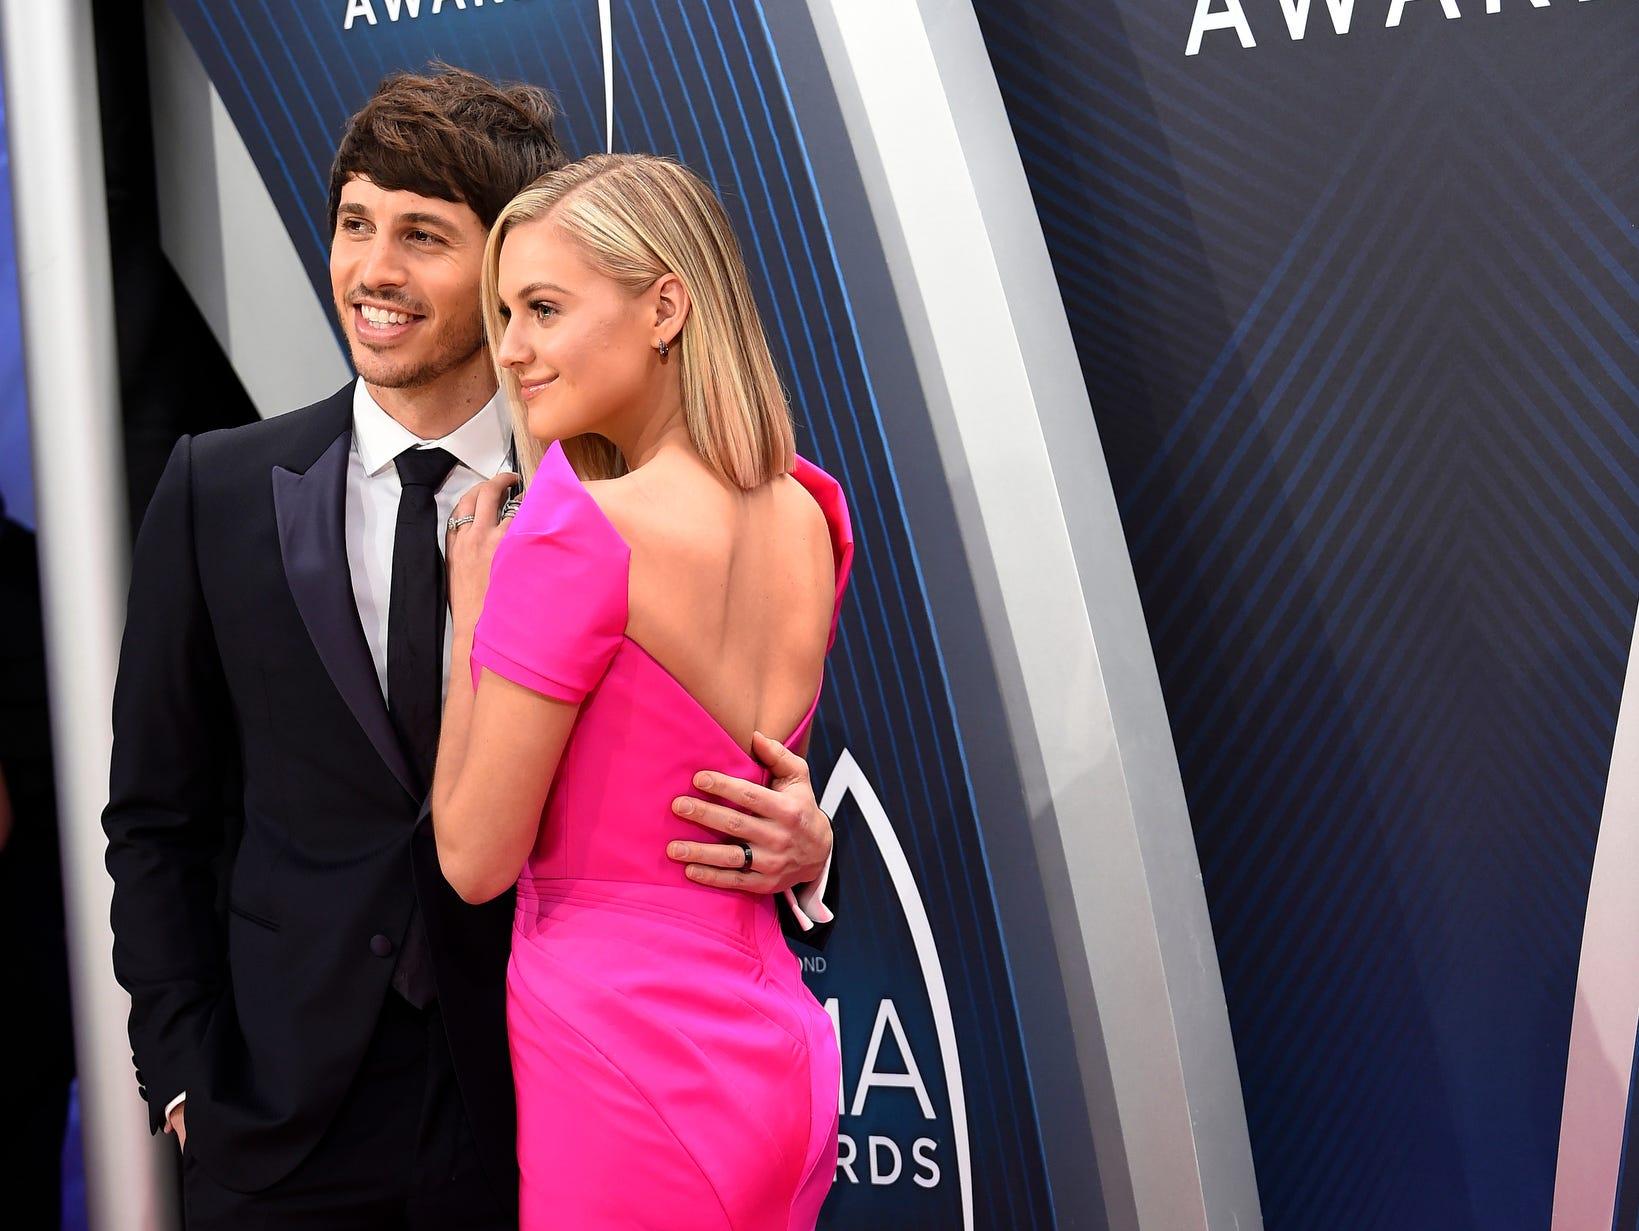 Kelsea Ballerini and husband Morgan Evans